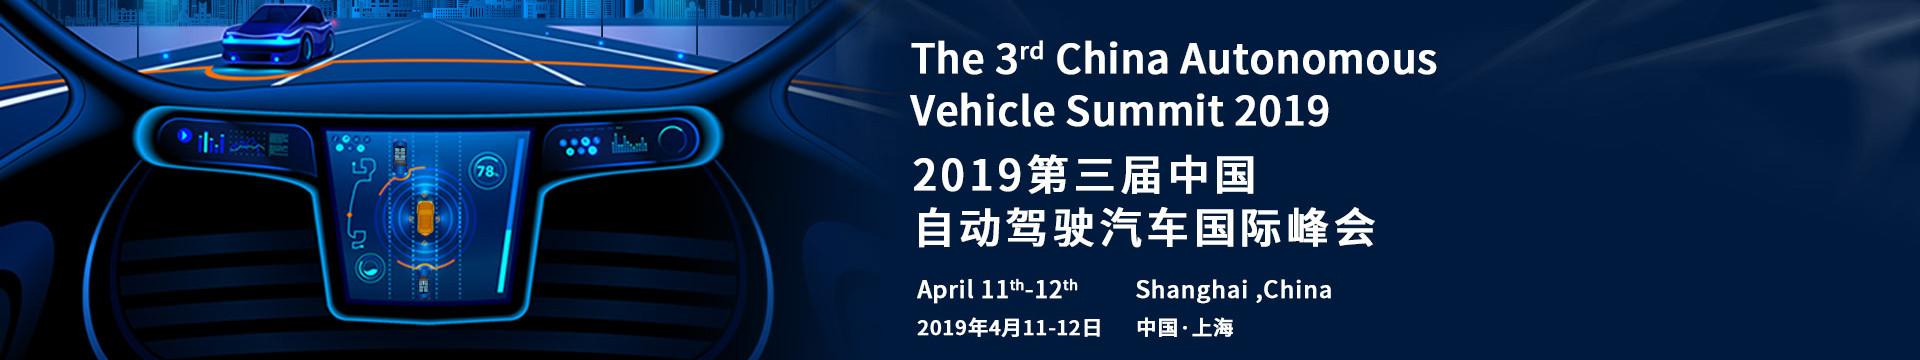 2019第三届自动驾驶汽车国际峰会(上海)